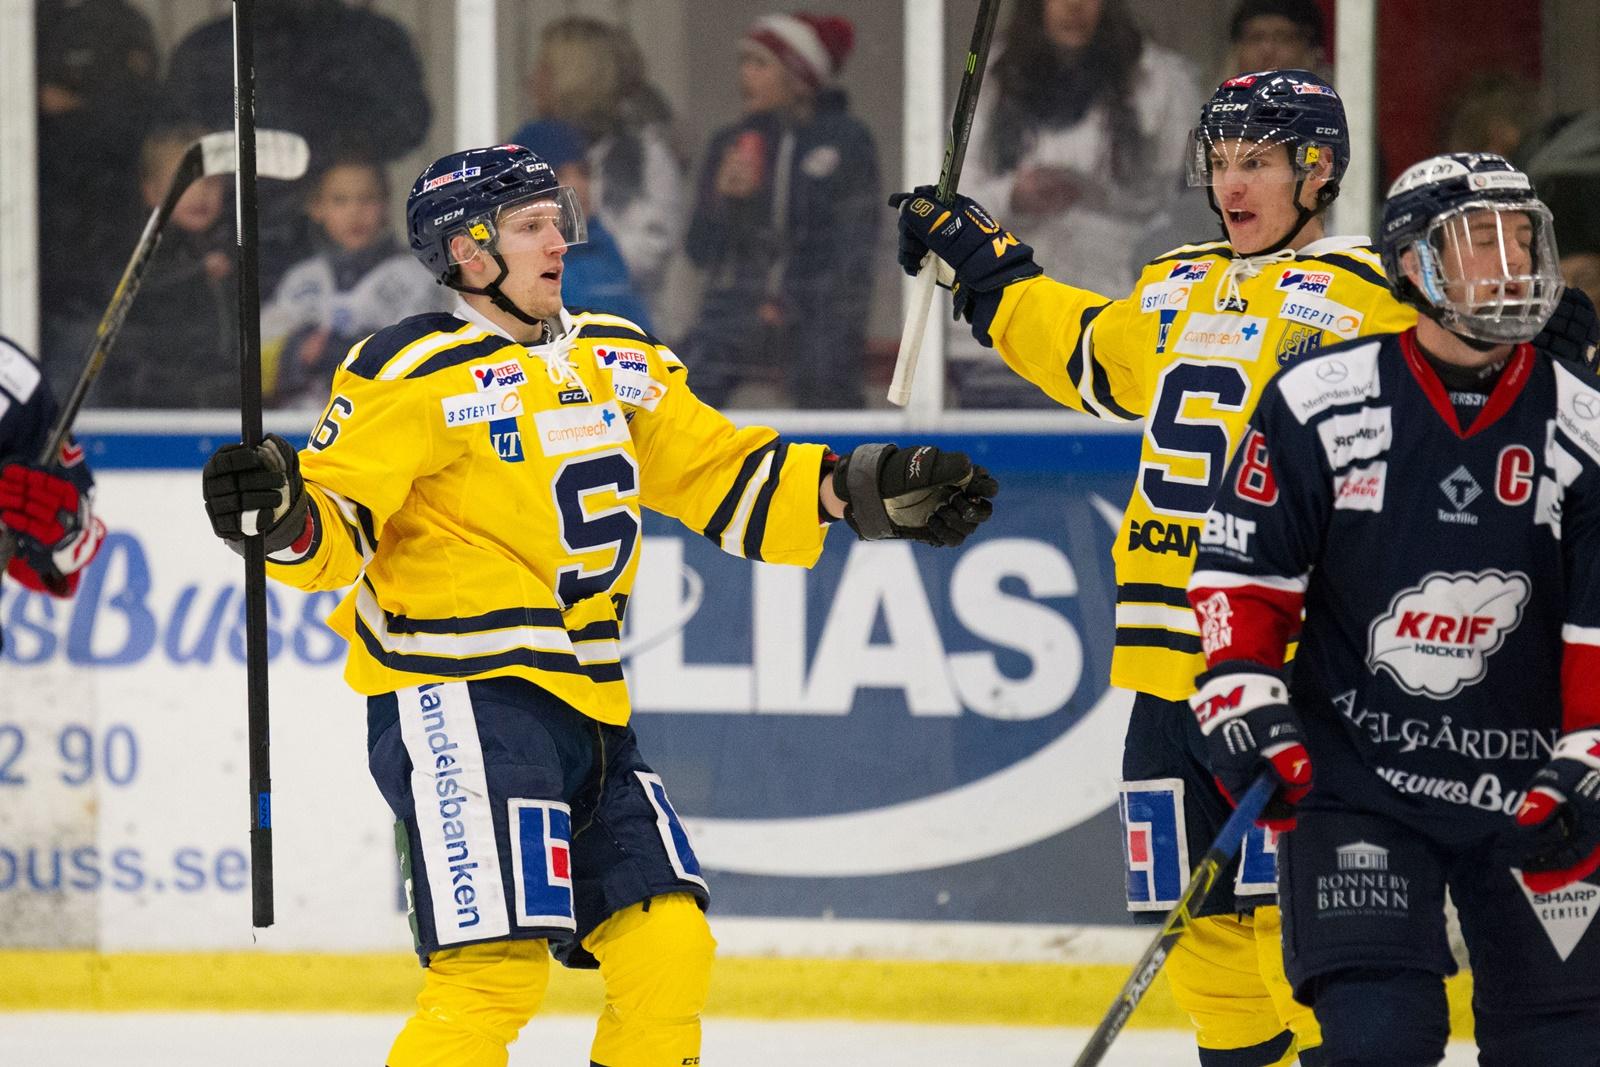 SSK jublar. Bilden är publicerad med tillstånd av fotograf Lars Nilsson (Pic-Agency / callegula.se).